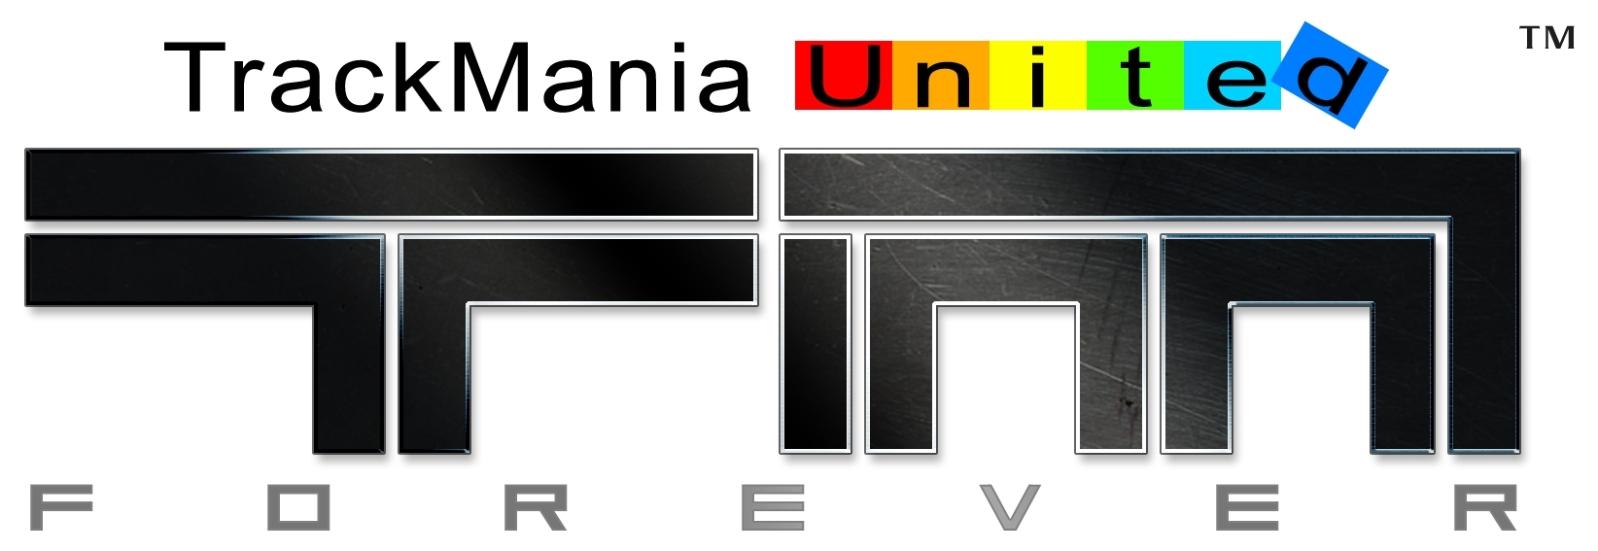 TrackMania United Forever (no tienes la coleccion X)